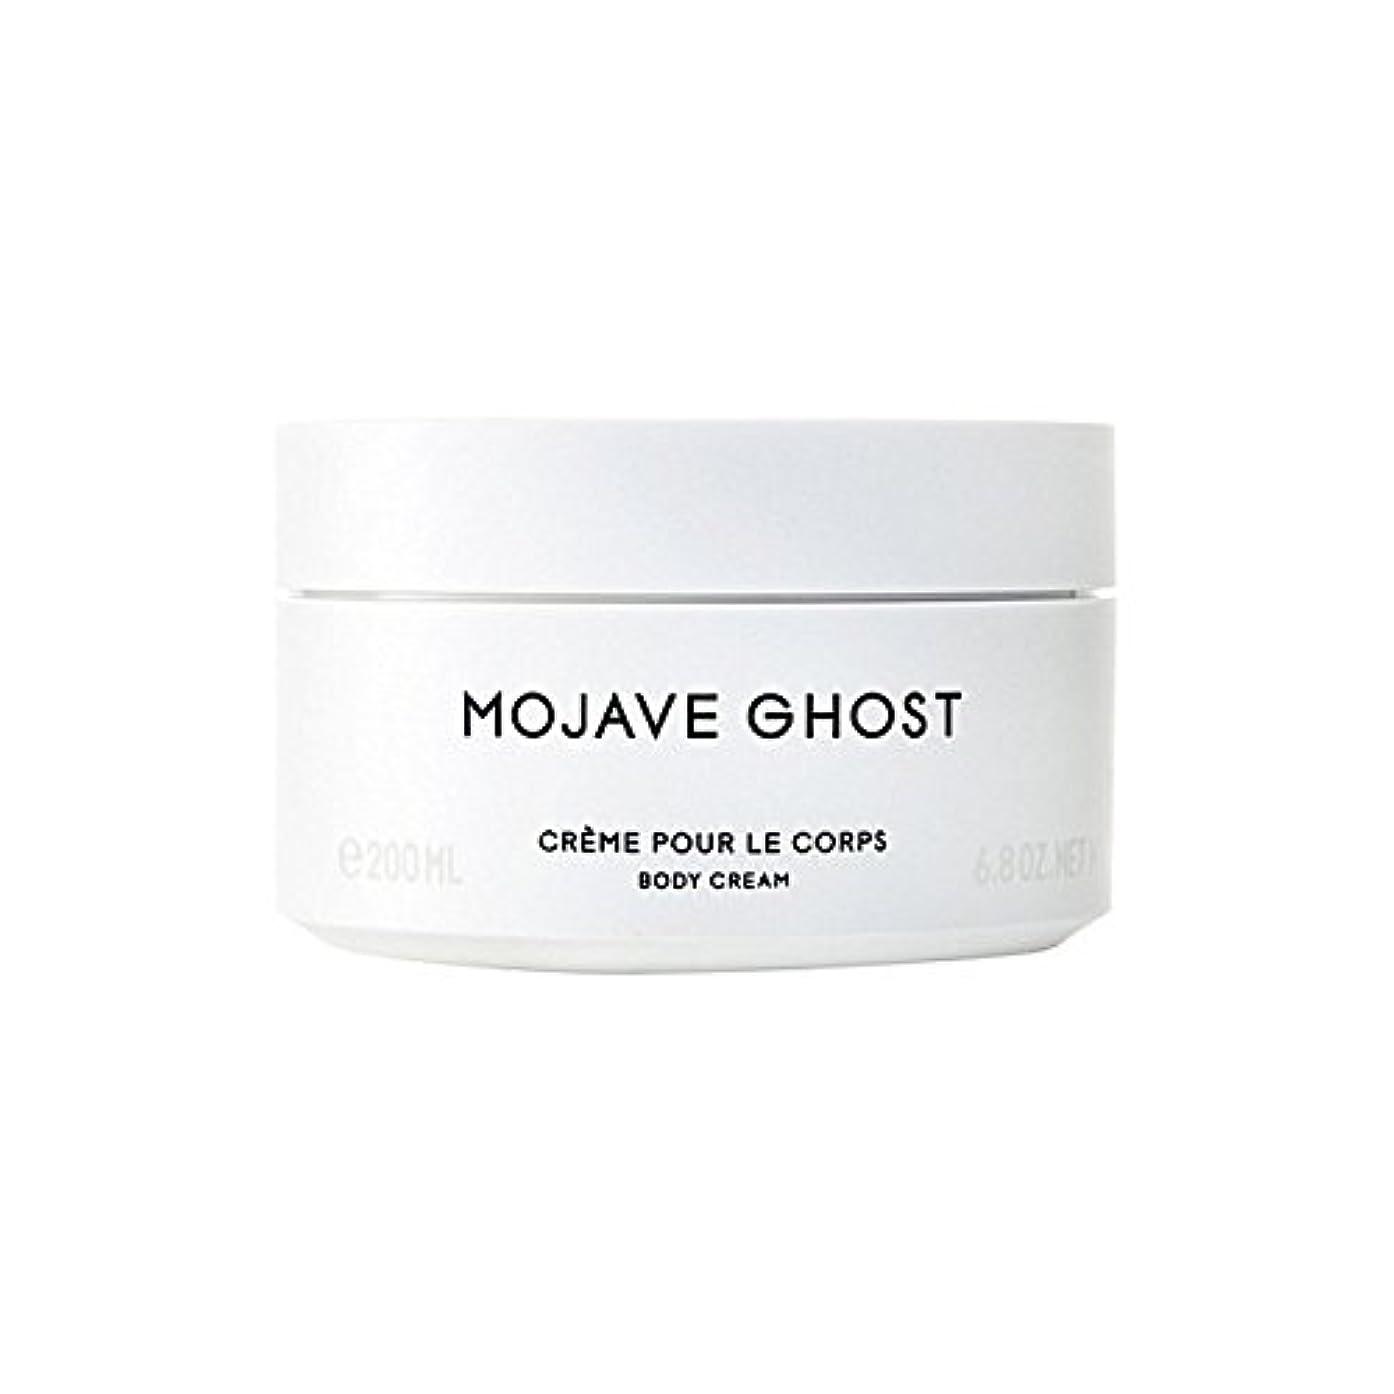 クラブ発信教育するモハーベゴーストボディクリーム200ミリリットル x4 - Byredo Mojave Ghost Body Cream 200ml (Pack of 4) [並行輸入品]